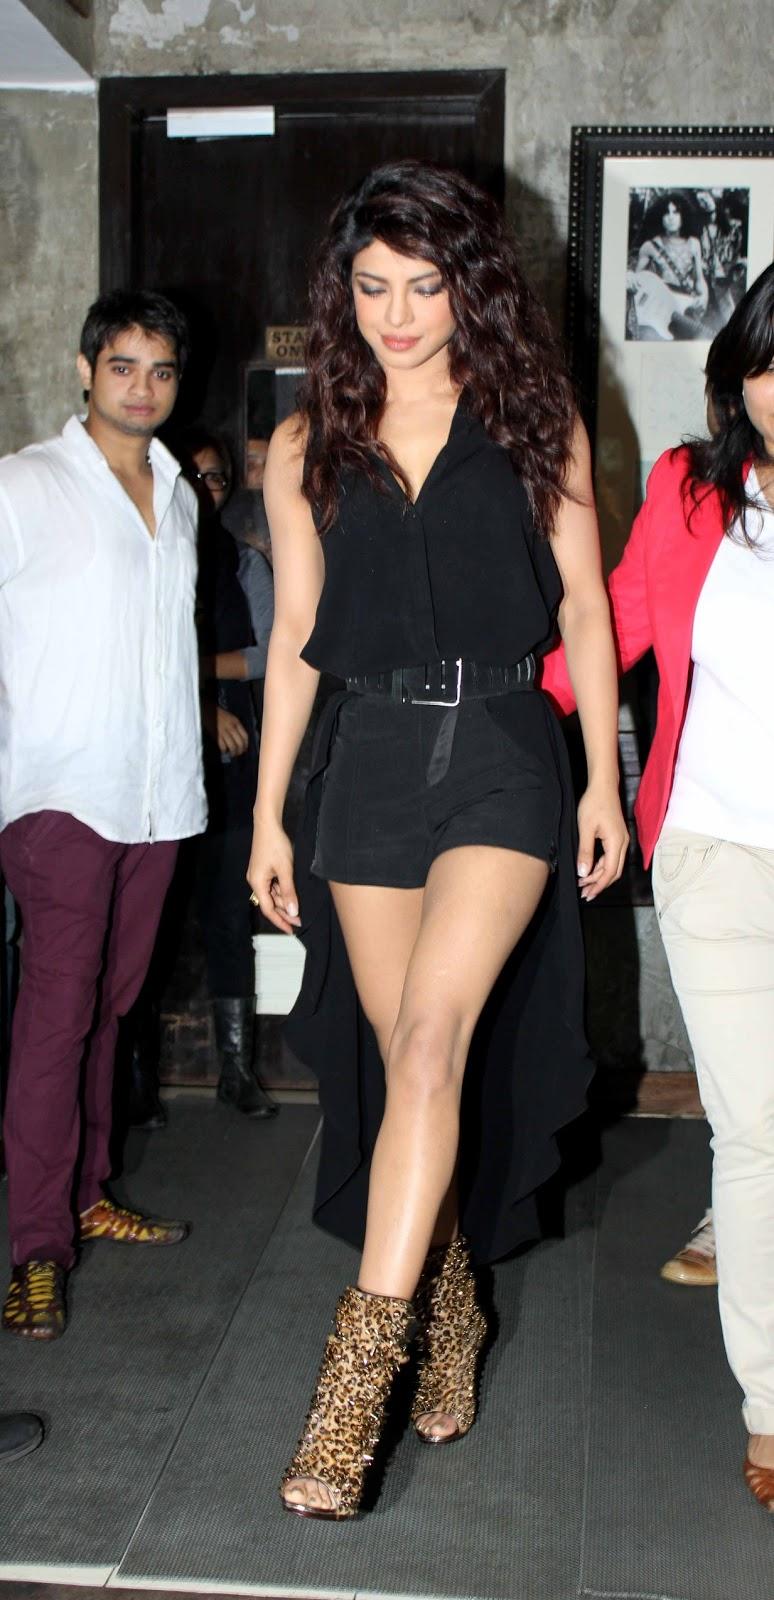 Priyanka Chopra hot thighs in black short - Nude Erotic Image